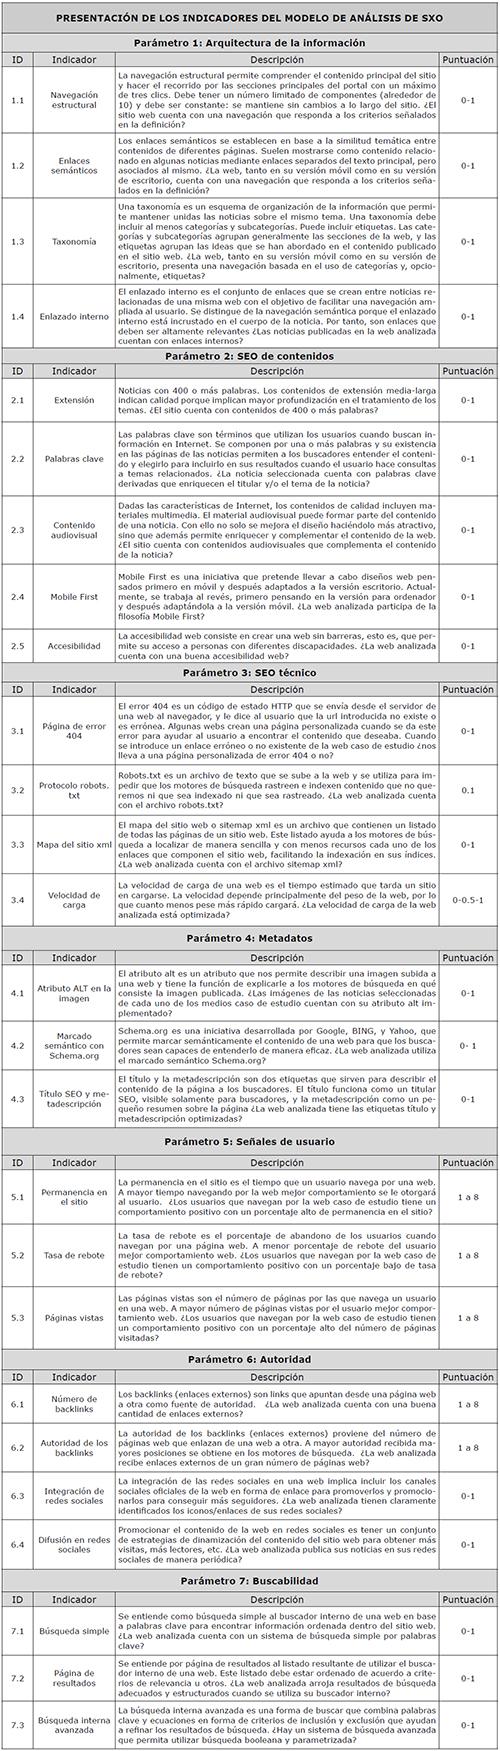 Fichas descriptivas de los indicadores que componen cada uno de los parámetros de PAXBCM y su puntuación teórica